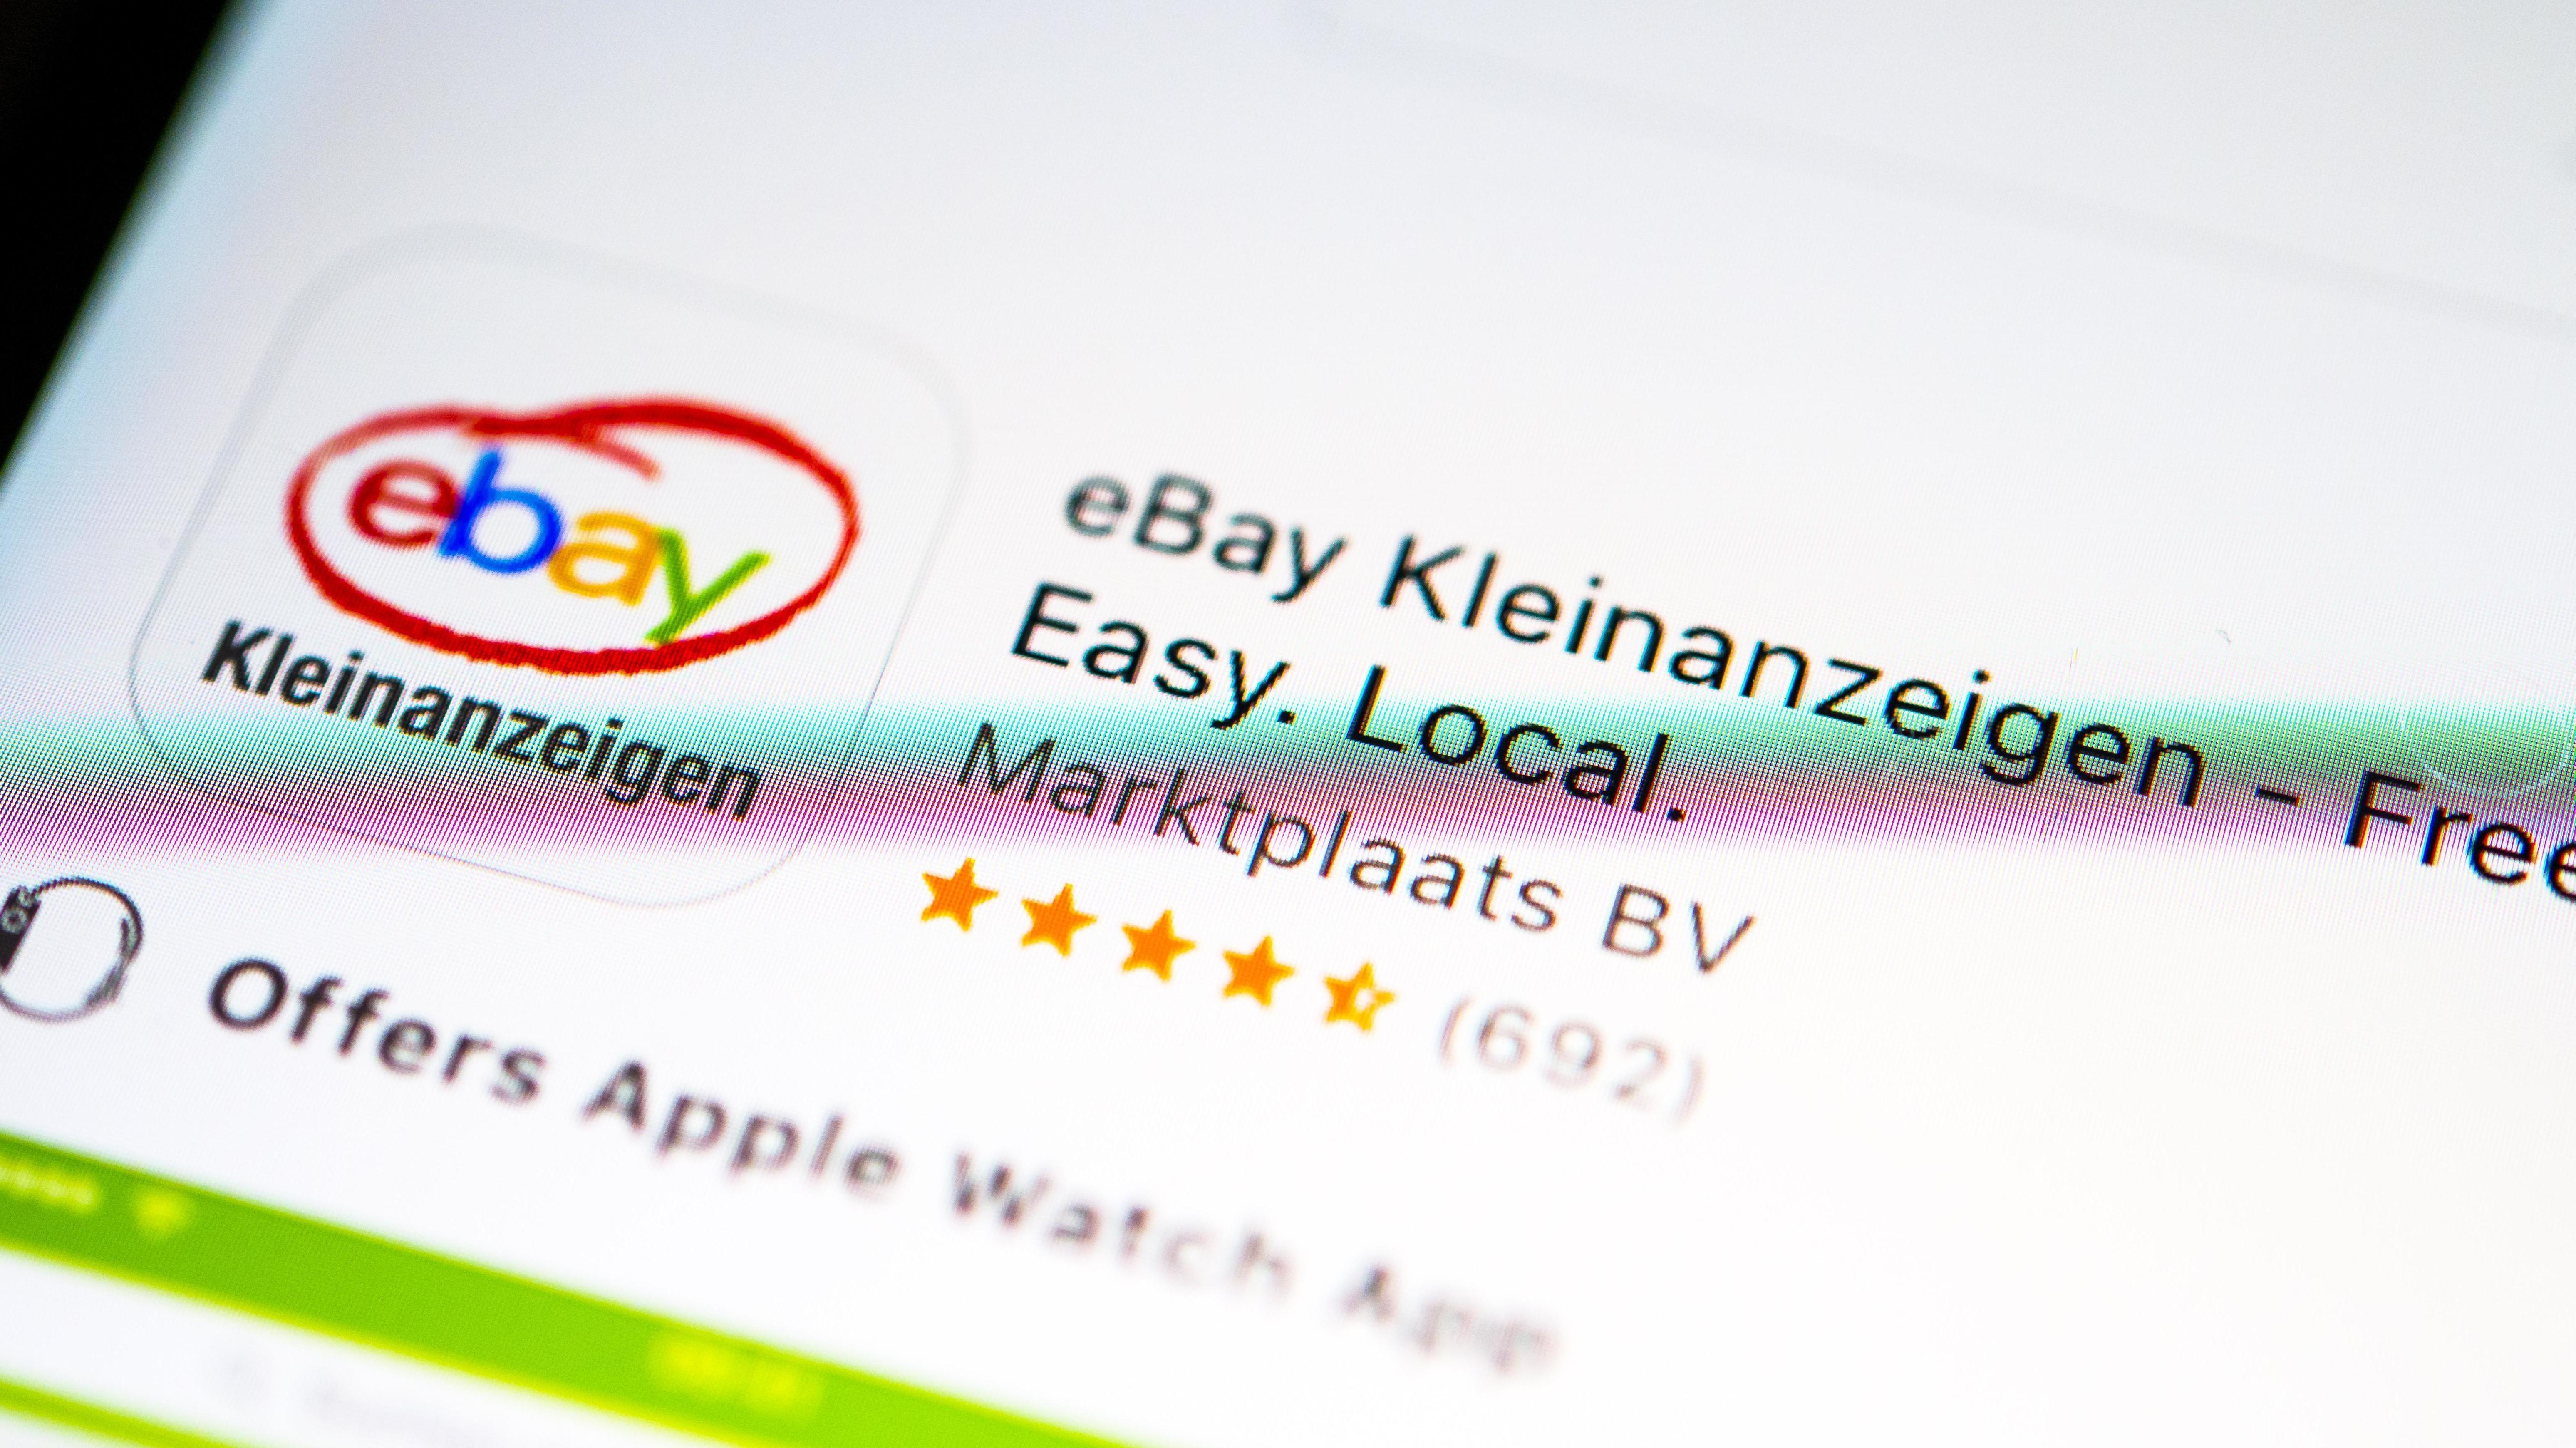 Ebay Kleinanzeigen App im Apple App Store